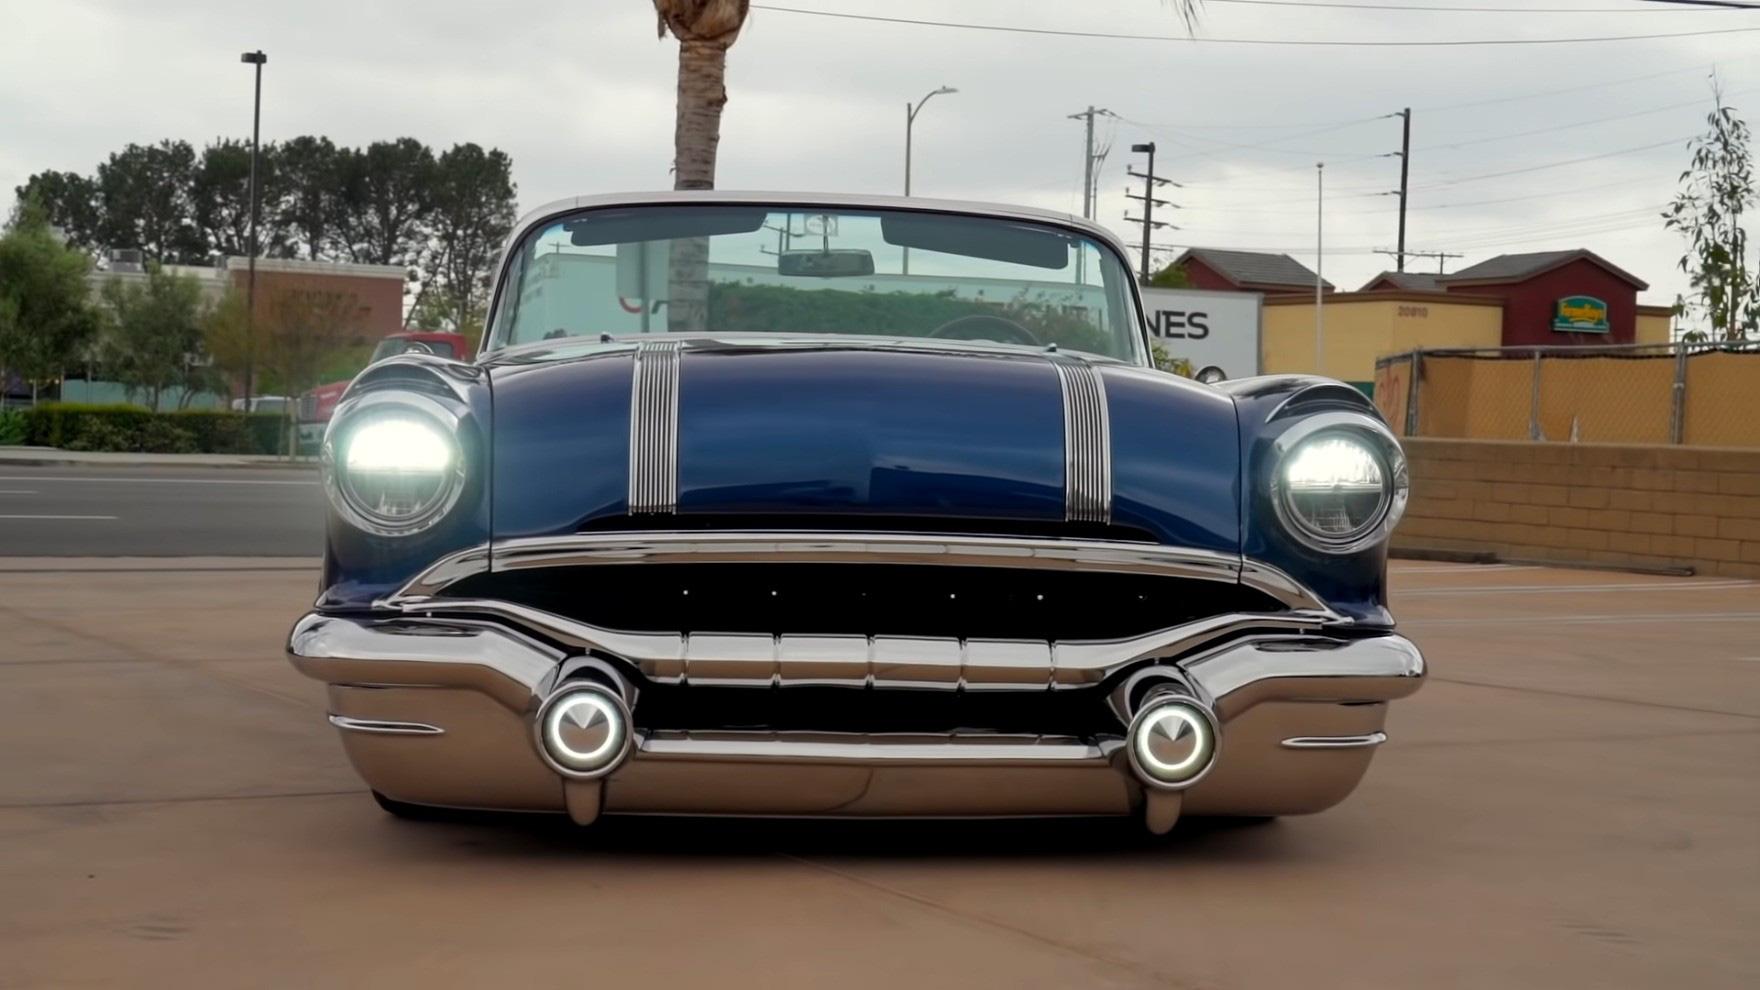 Pontiac Star Chief 1956 giá 1.000.000 đô la, bộ siêu tăng áp Whipple, lớp áo bất thường - Ảnh 2.